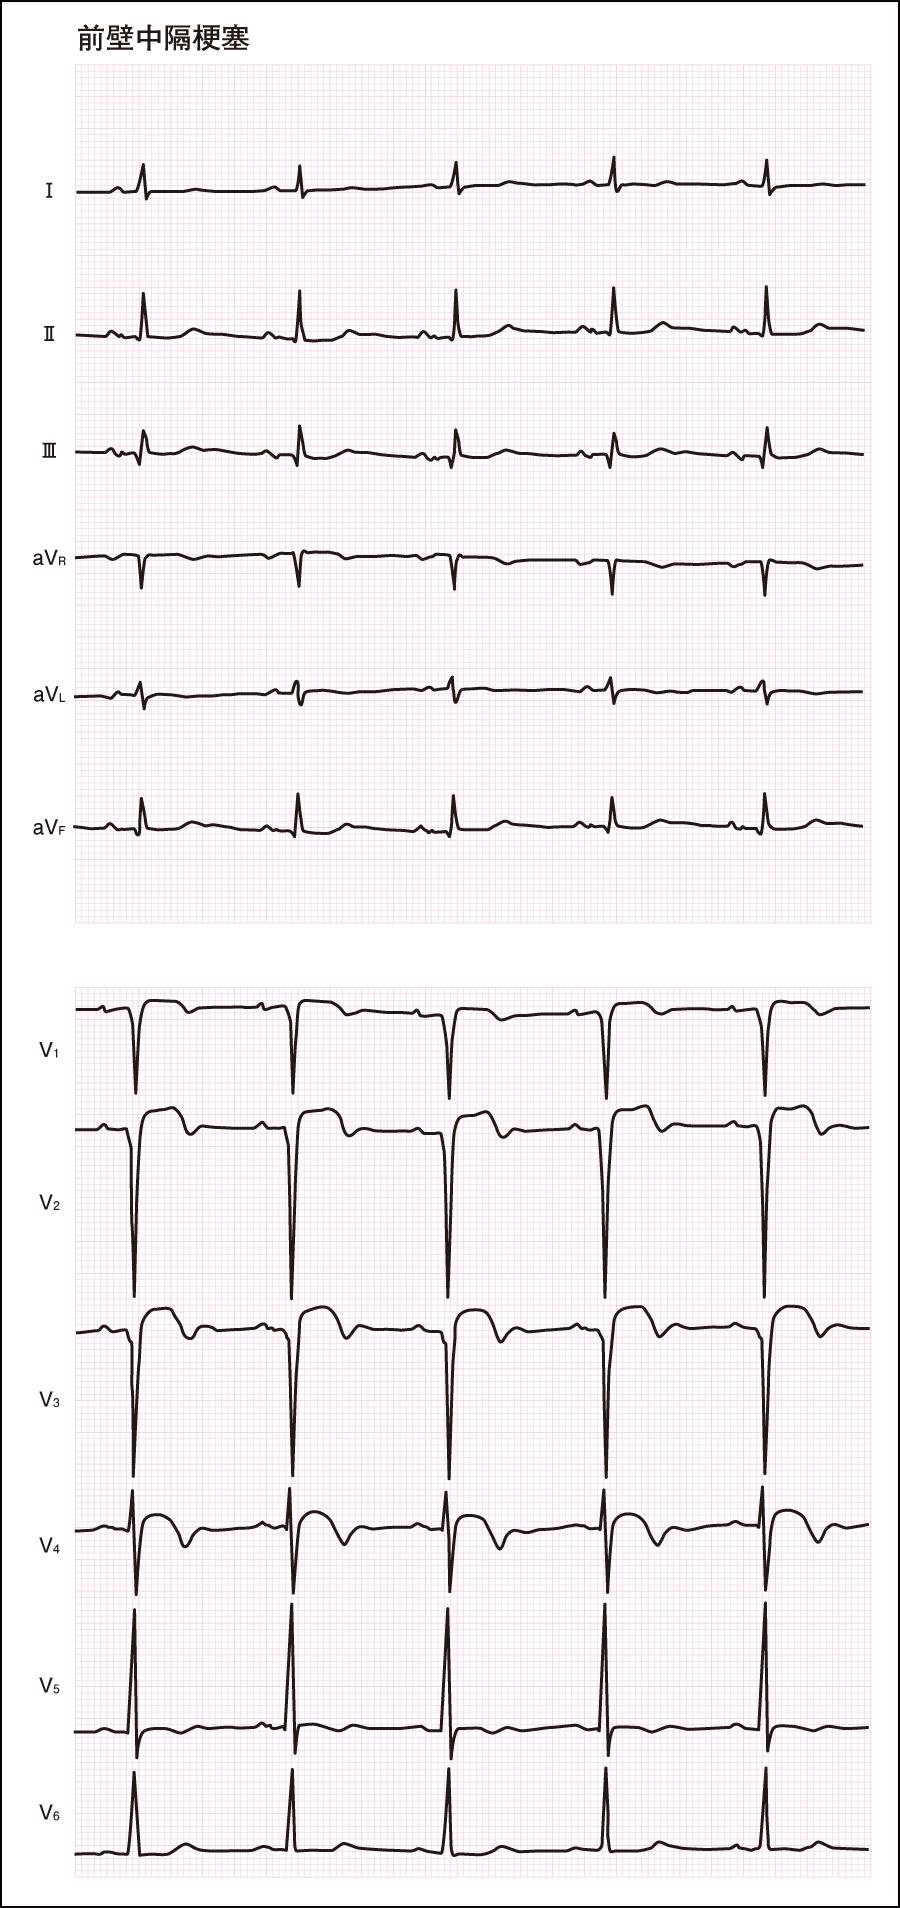 異常な心電図(3)